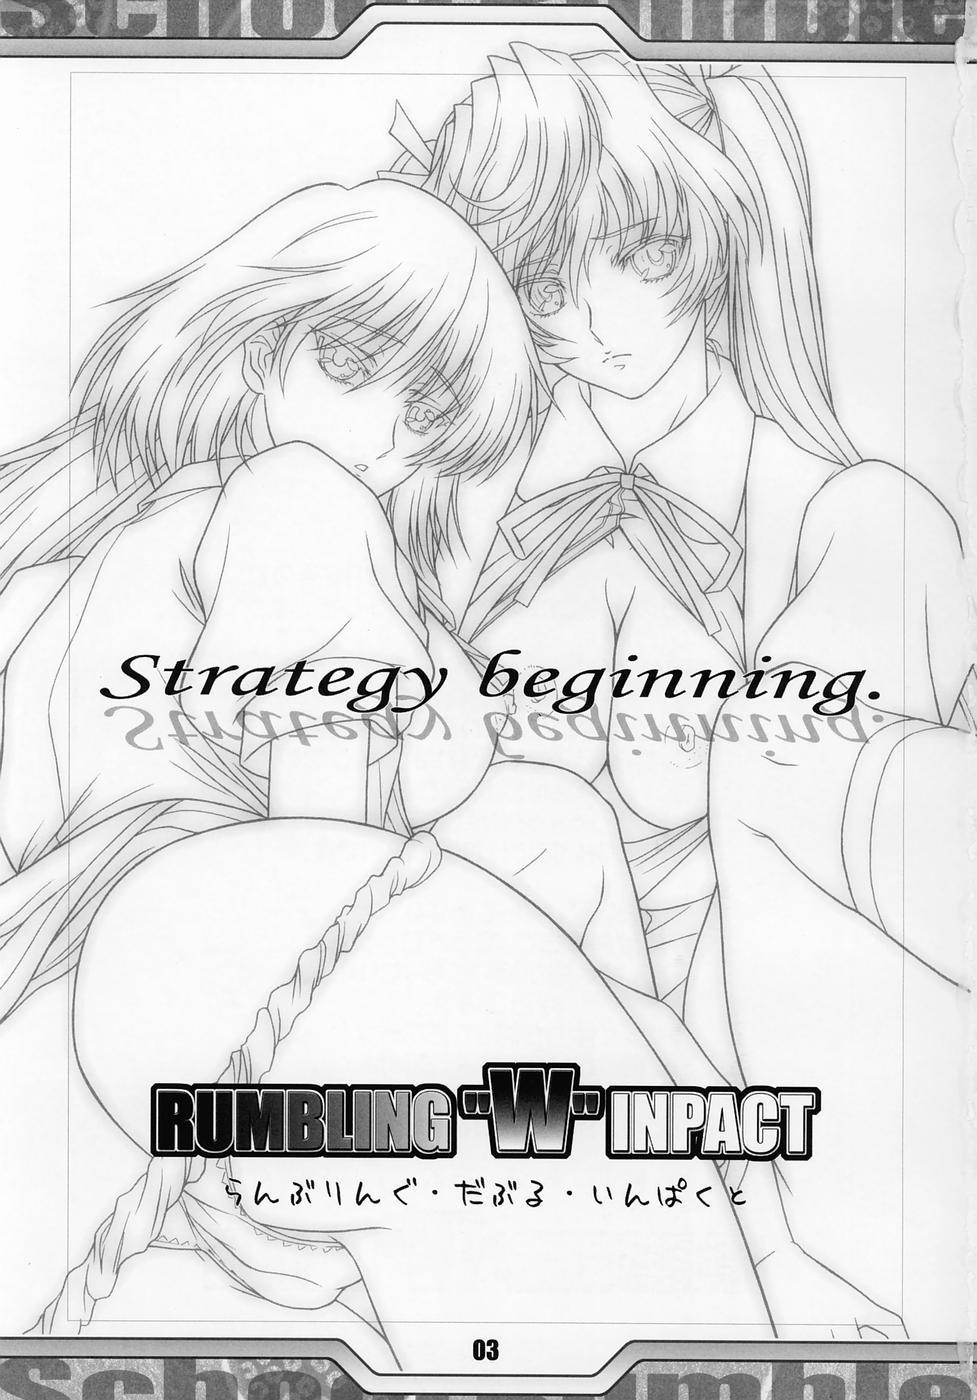 Rumbling W Inpact 1